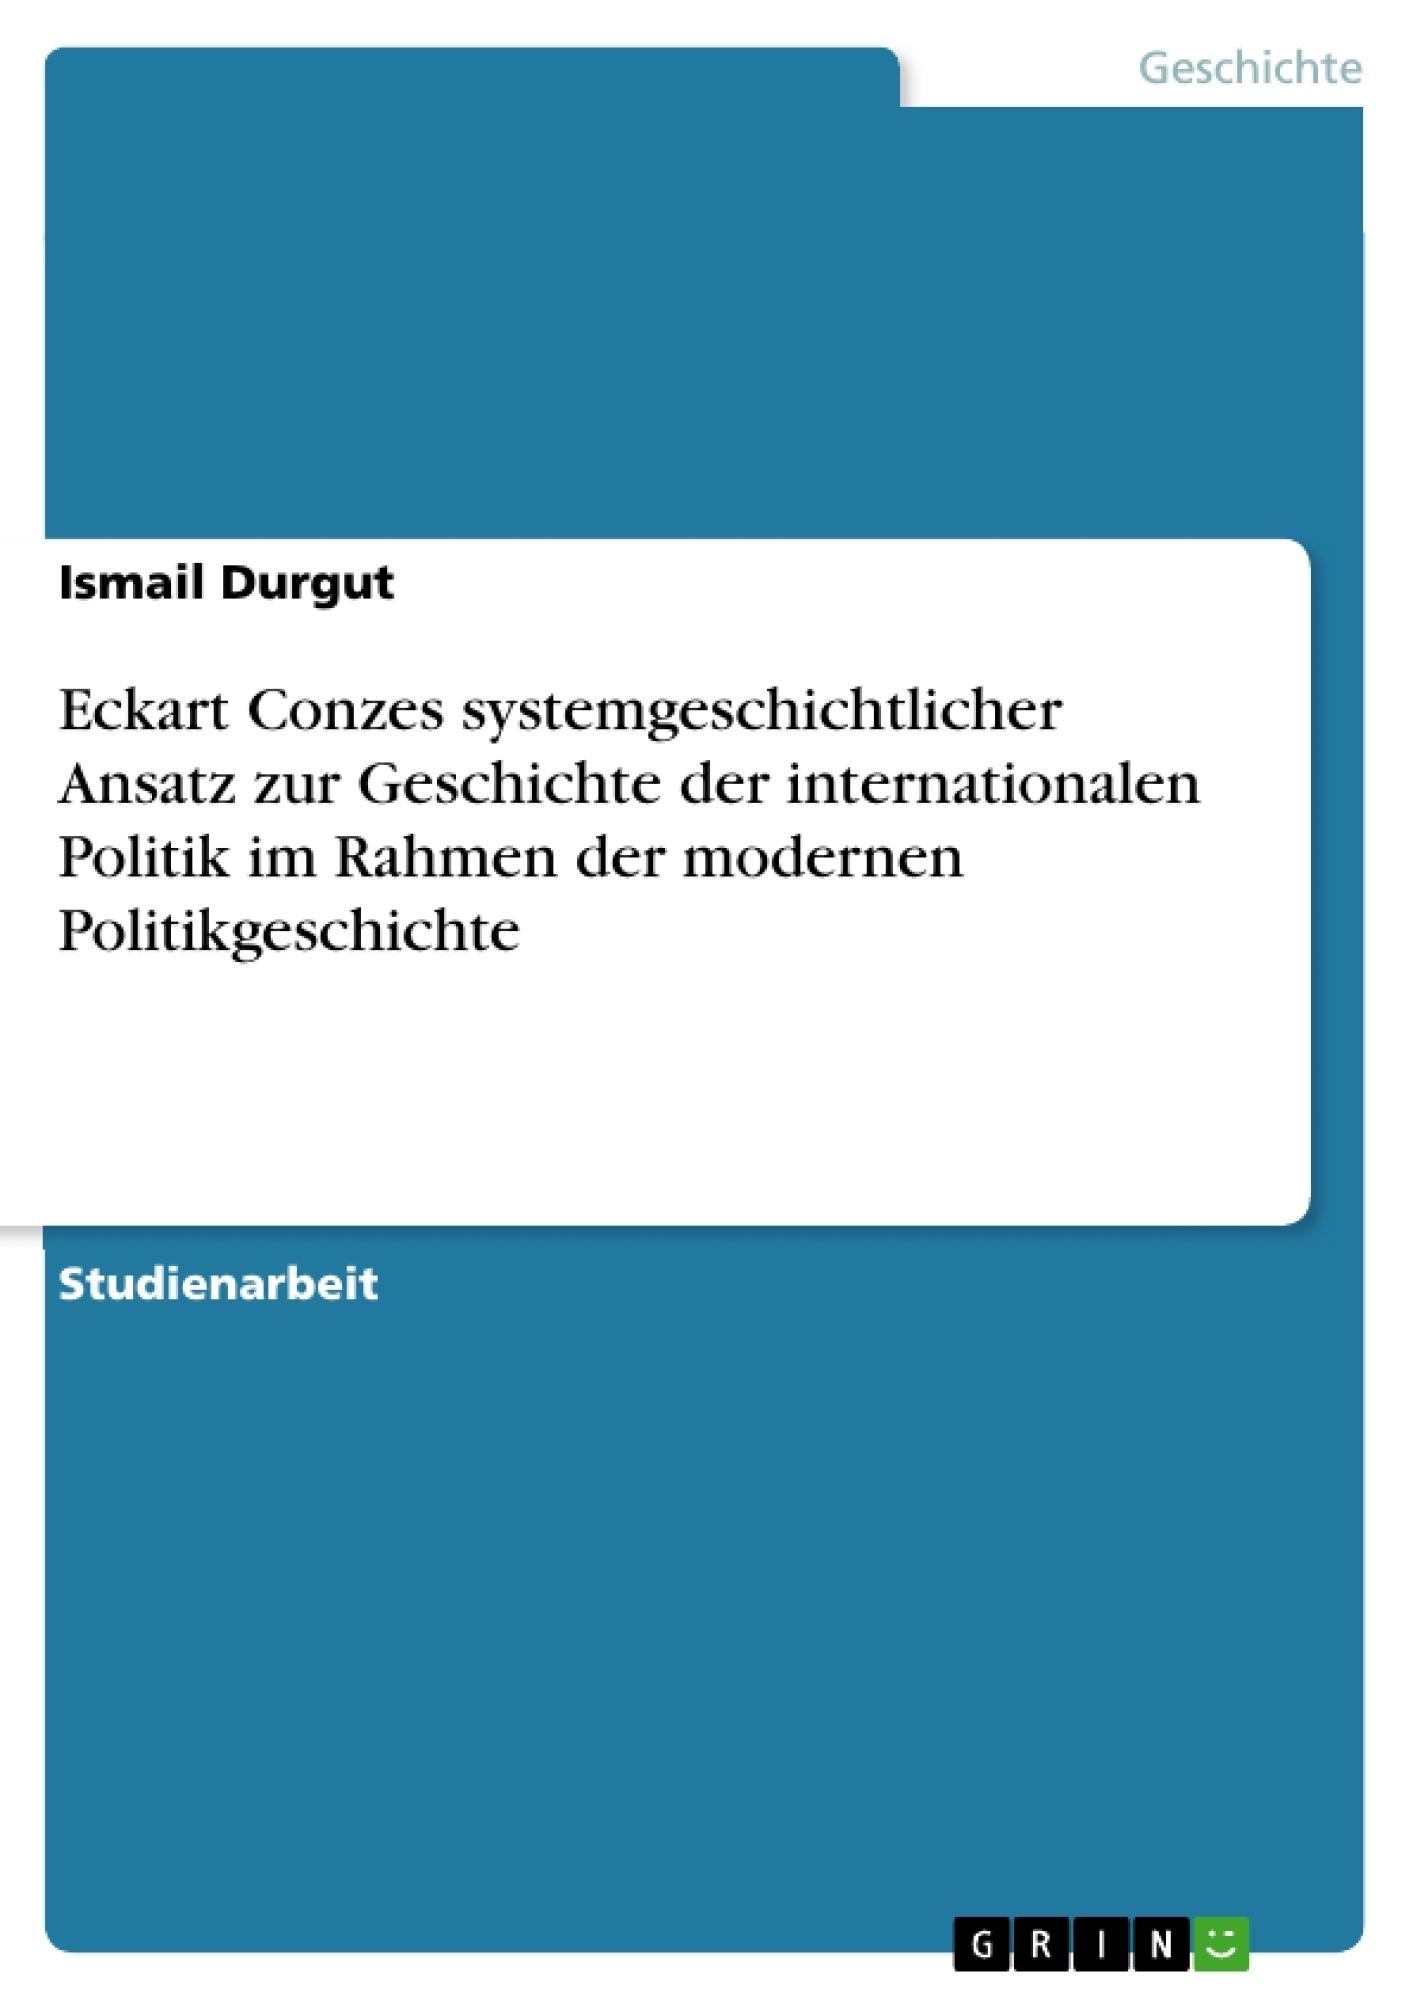 Titel: Eckart Conzes systemgeschichtlicher Ansatz zur Geschichte der internationalen Politik im Rahmen der modernen Politikgeschichte